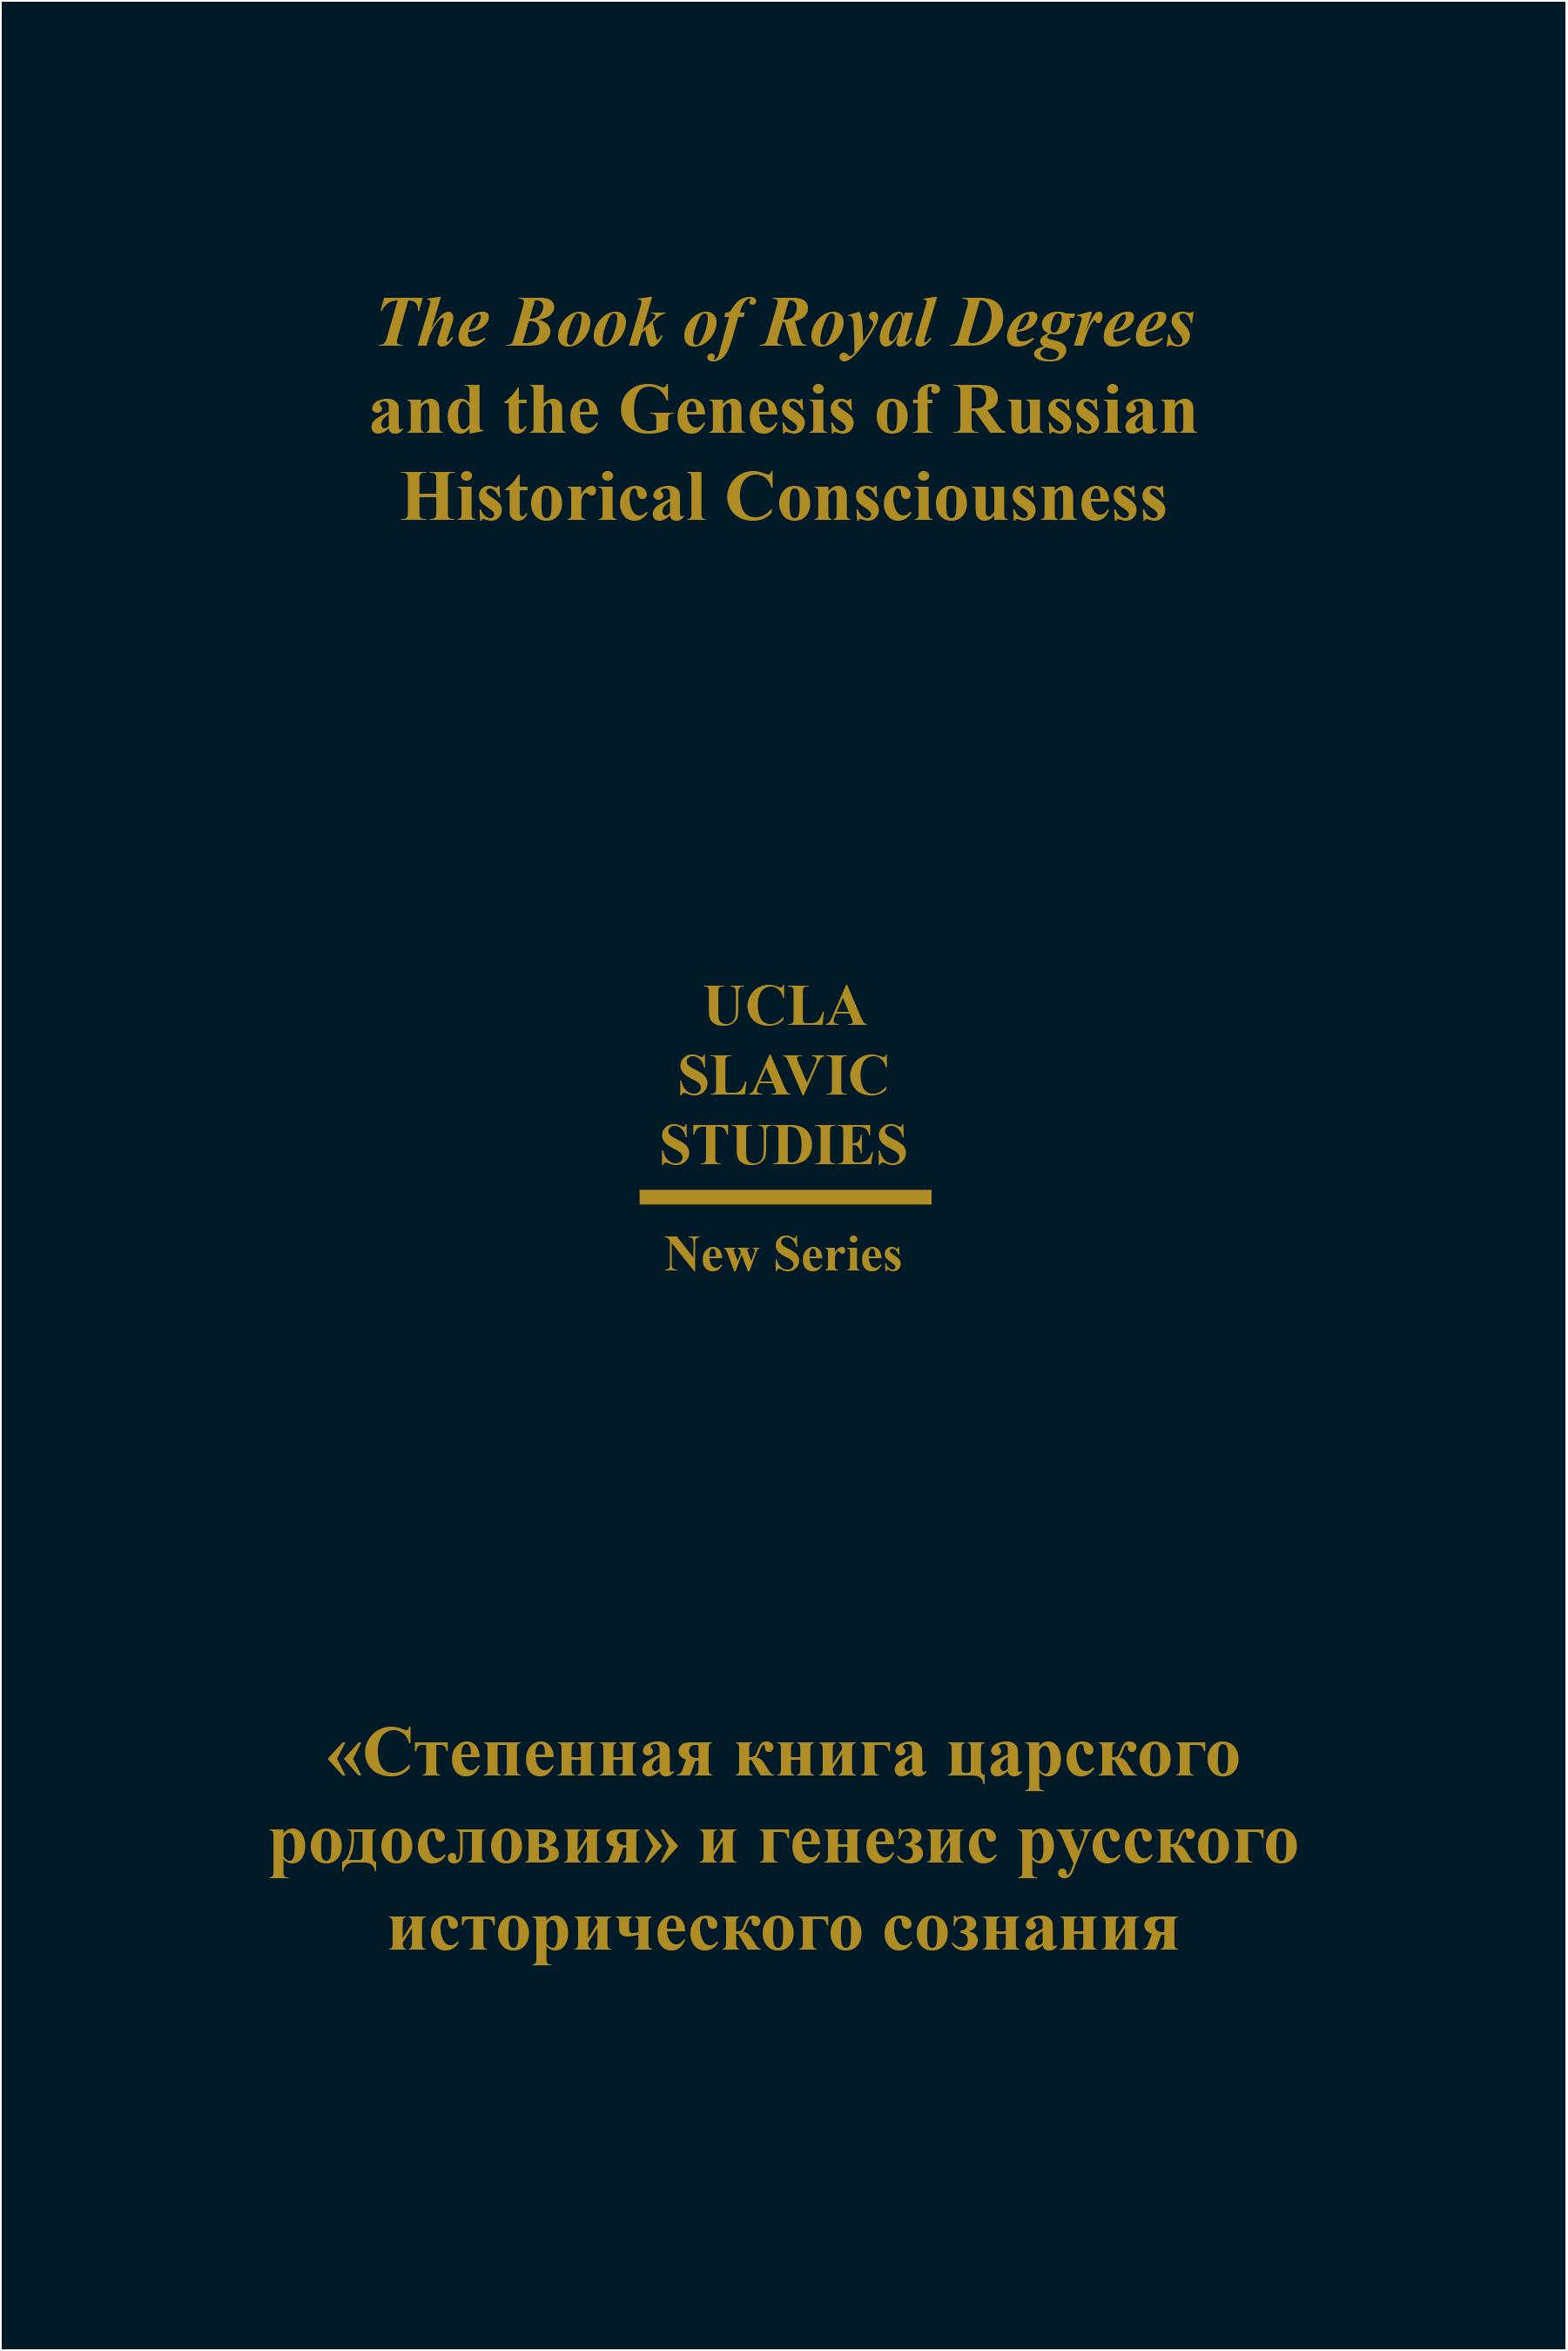 Macarius Codified Russian 39